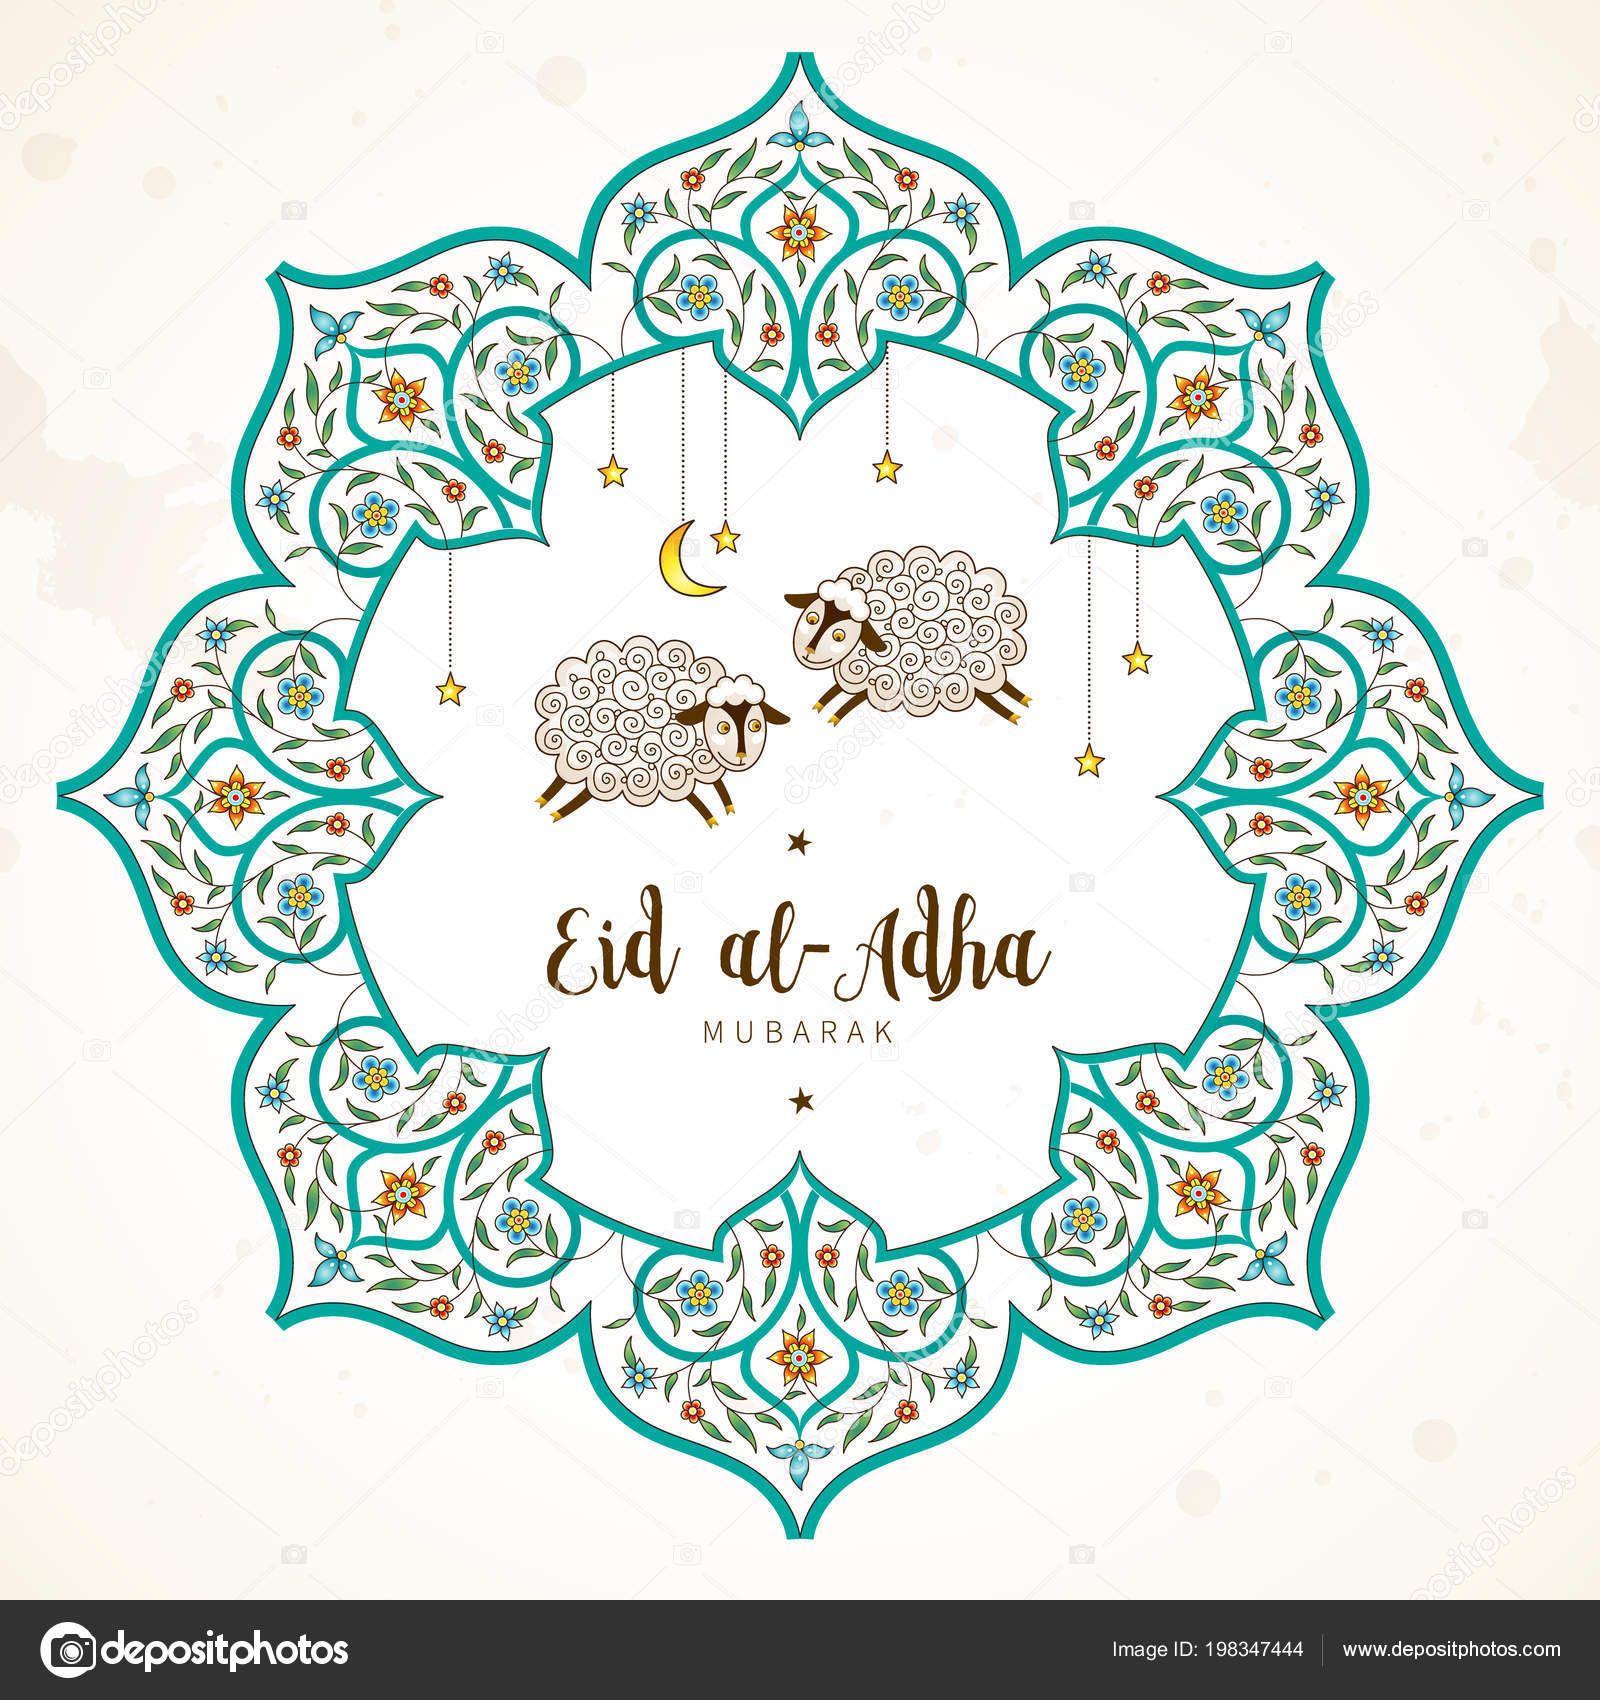 Vektor Muslim kartu Idul Adha liburan. Banner dengan domba